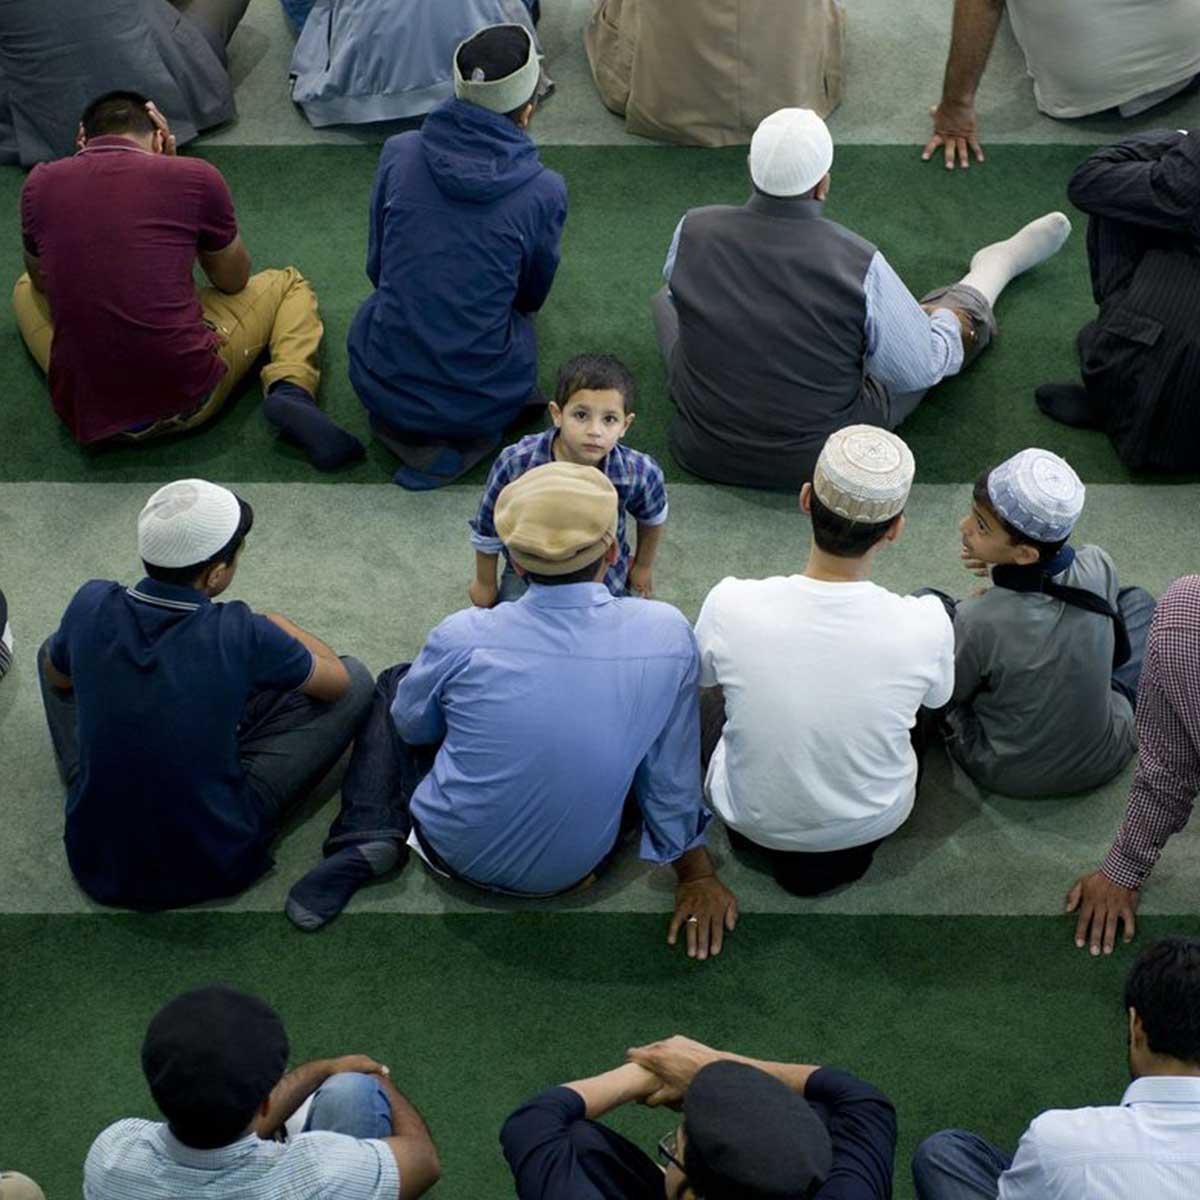 musulmans britanniques homosexualité